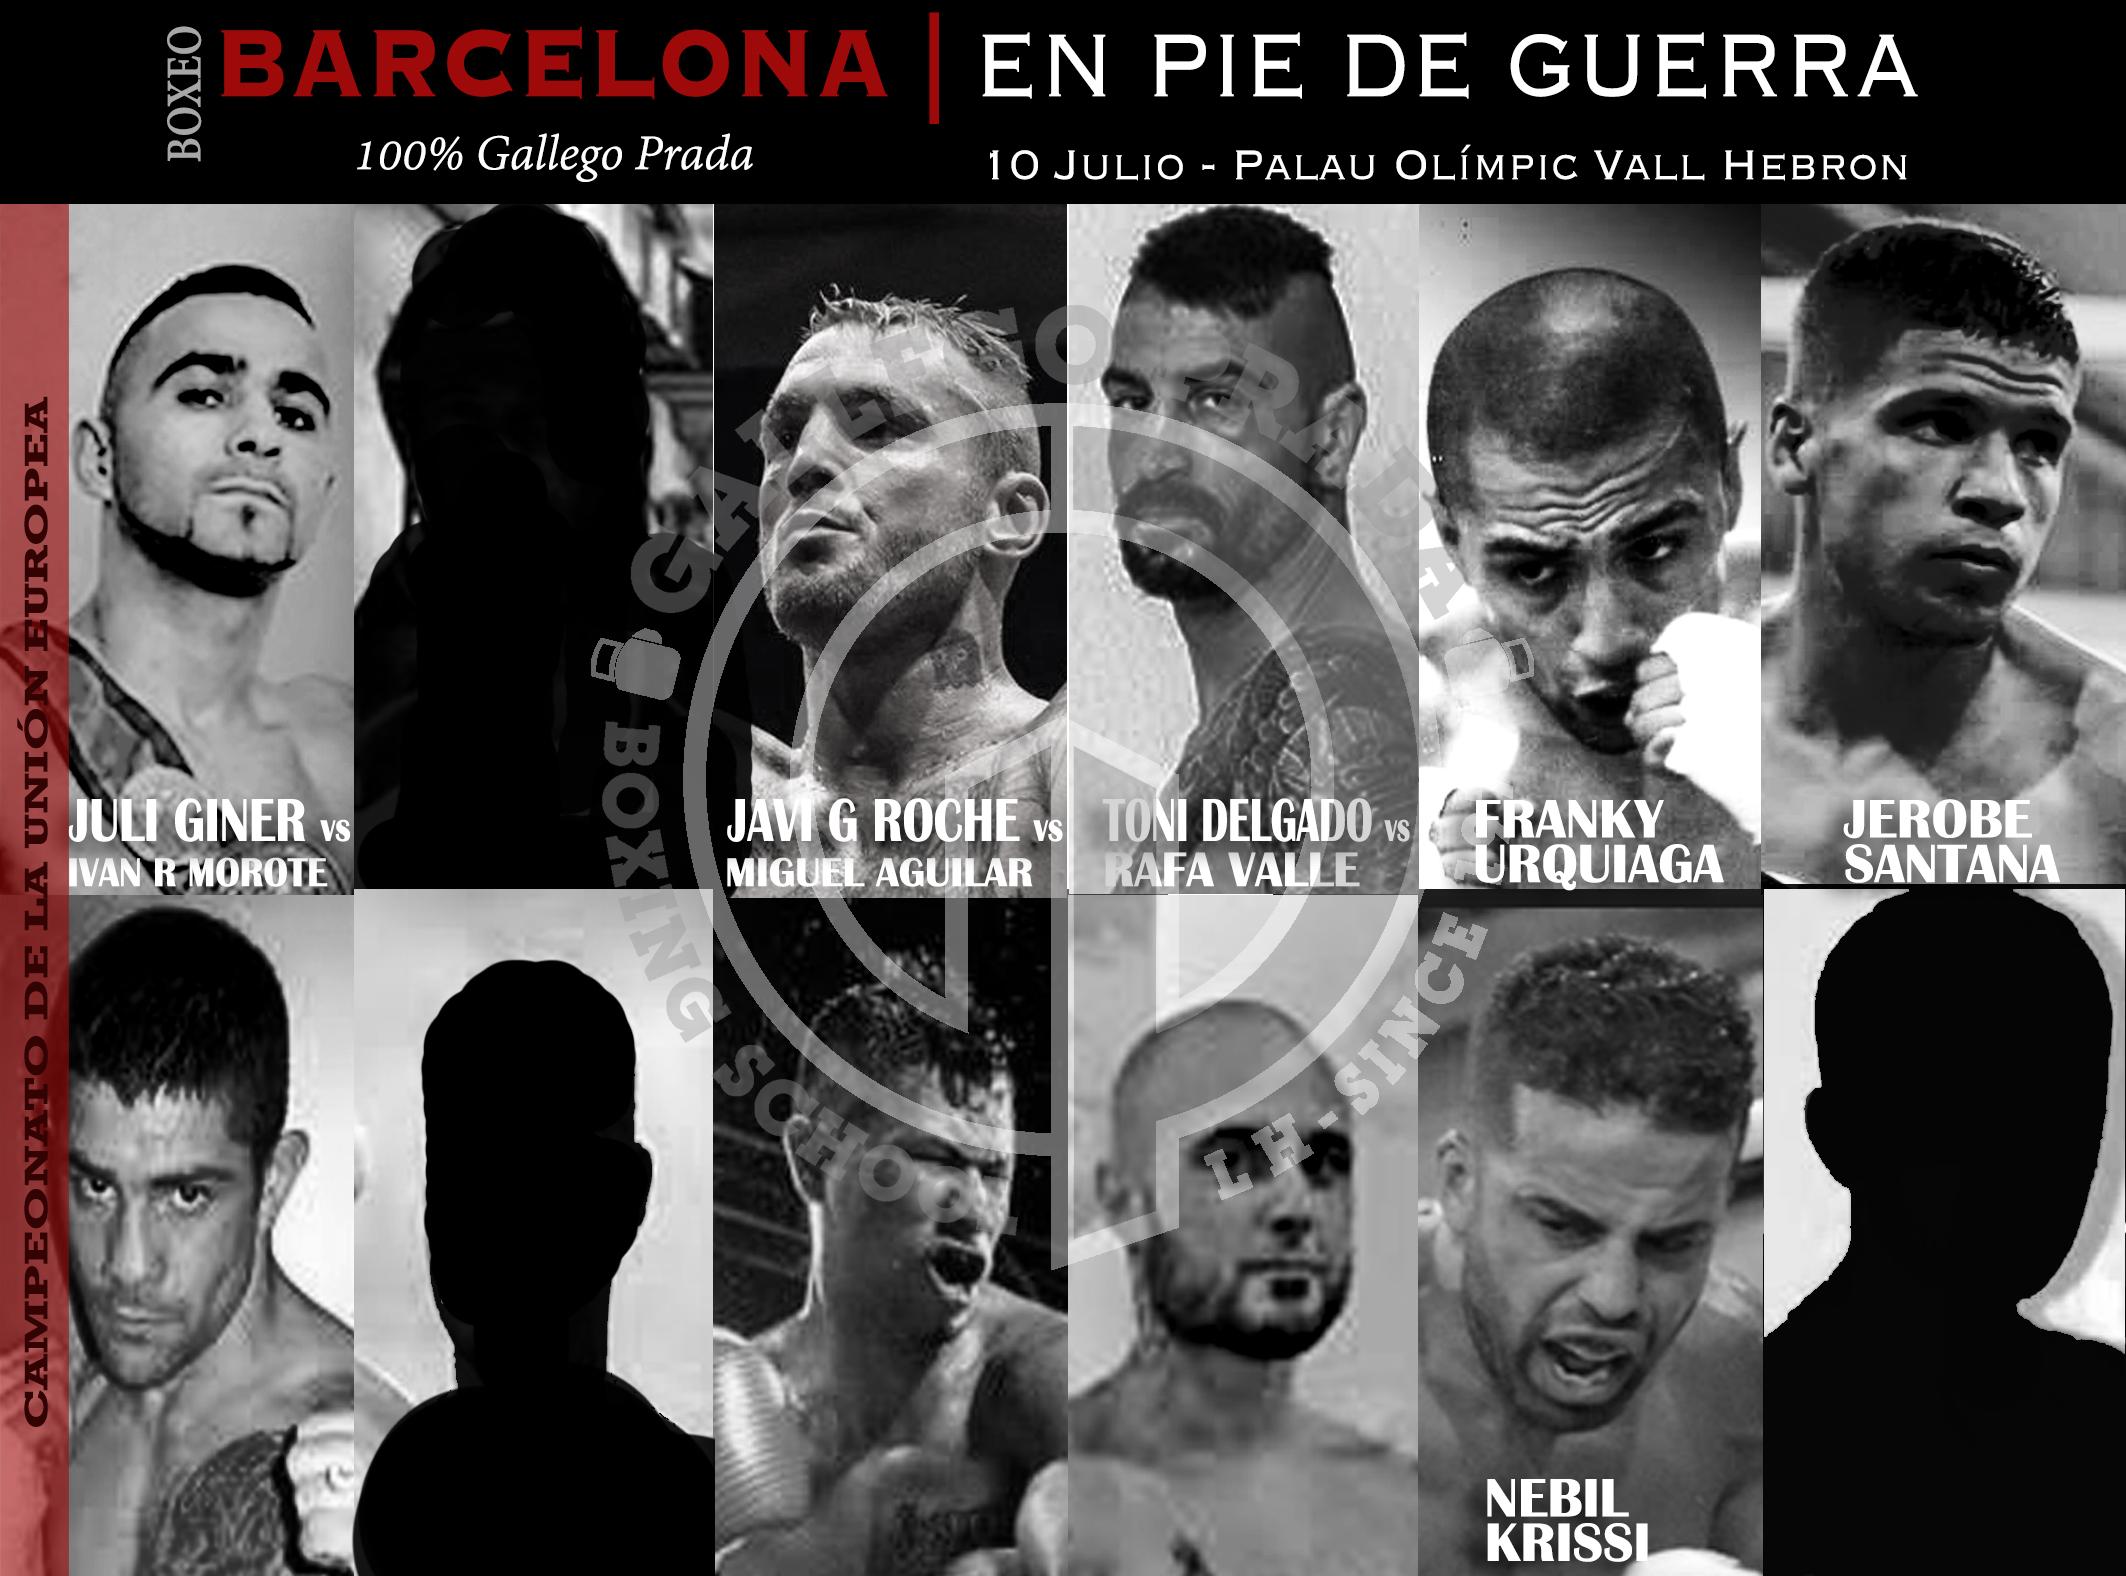 Barcelona en pie de guerra - f6